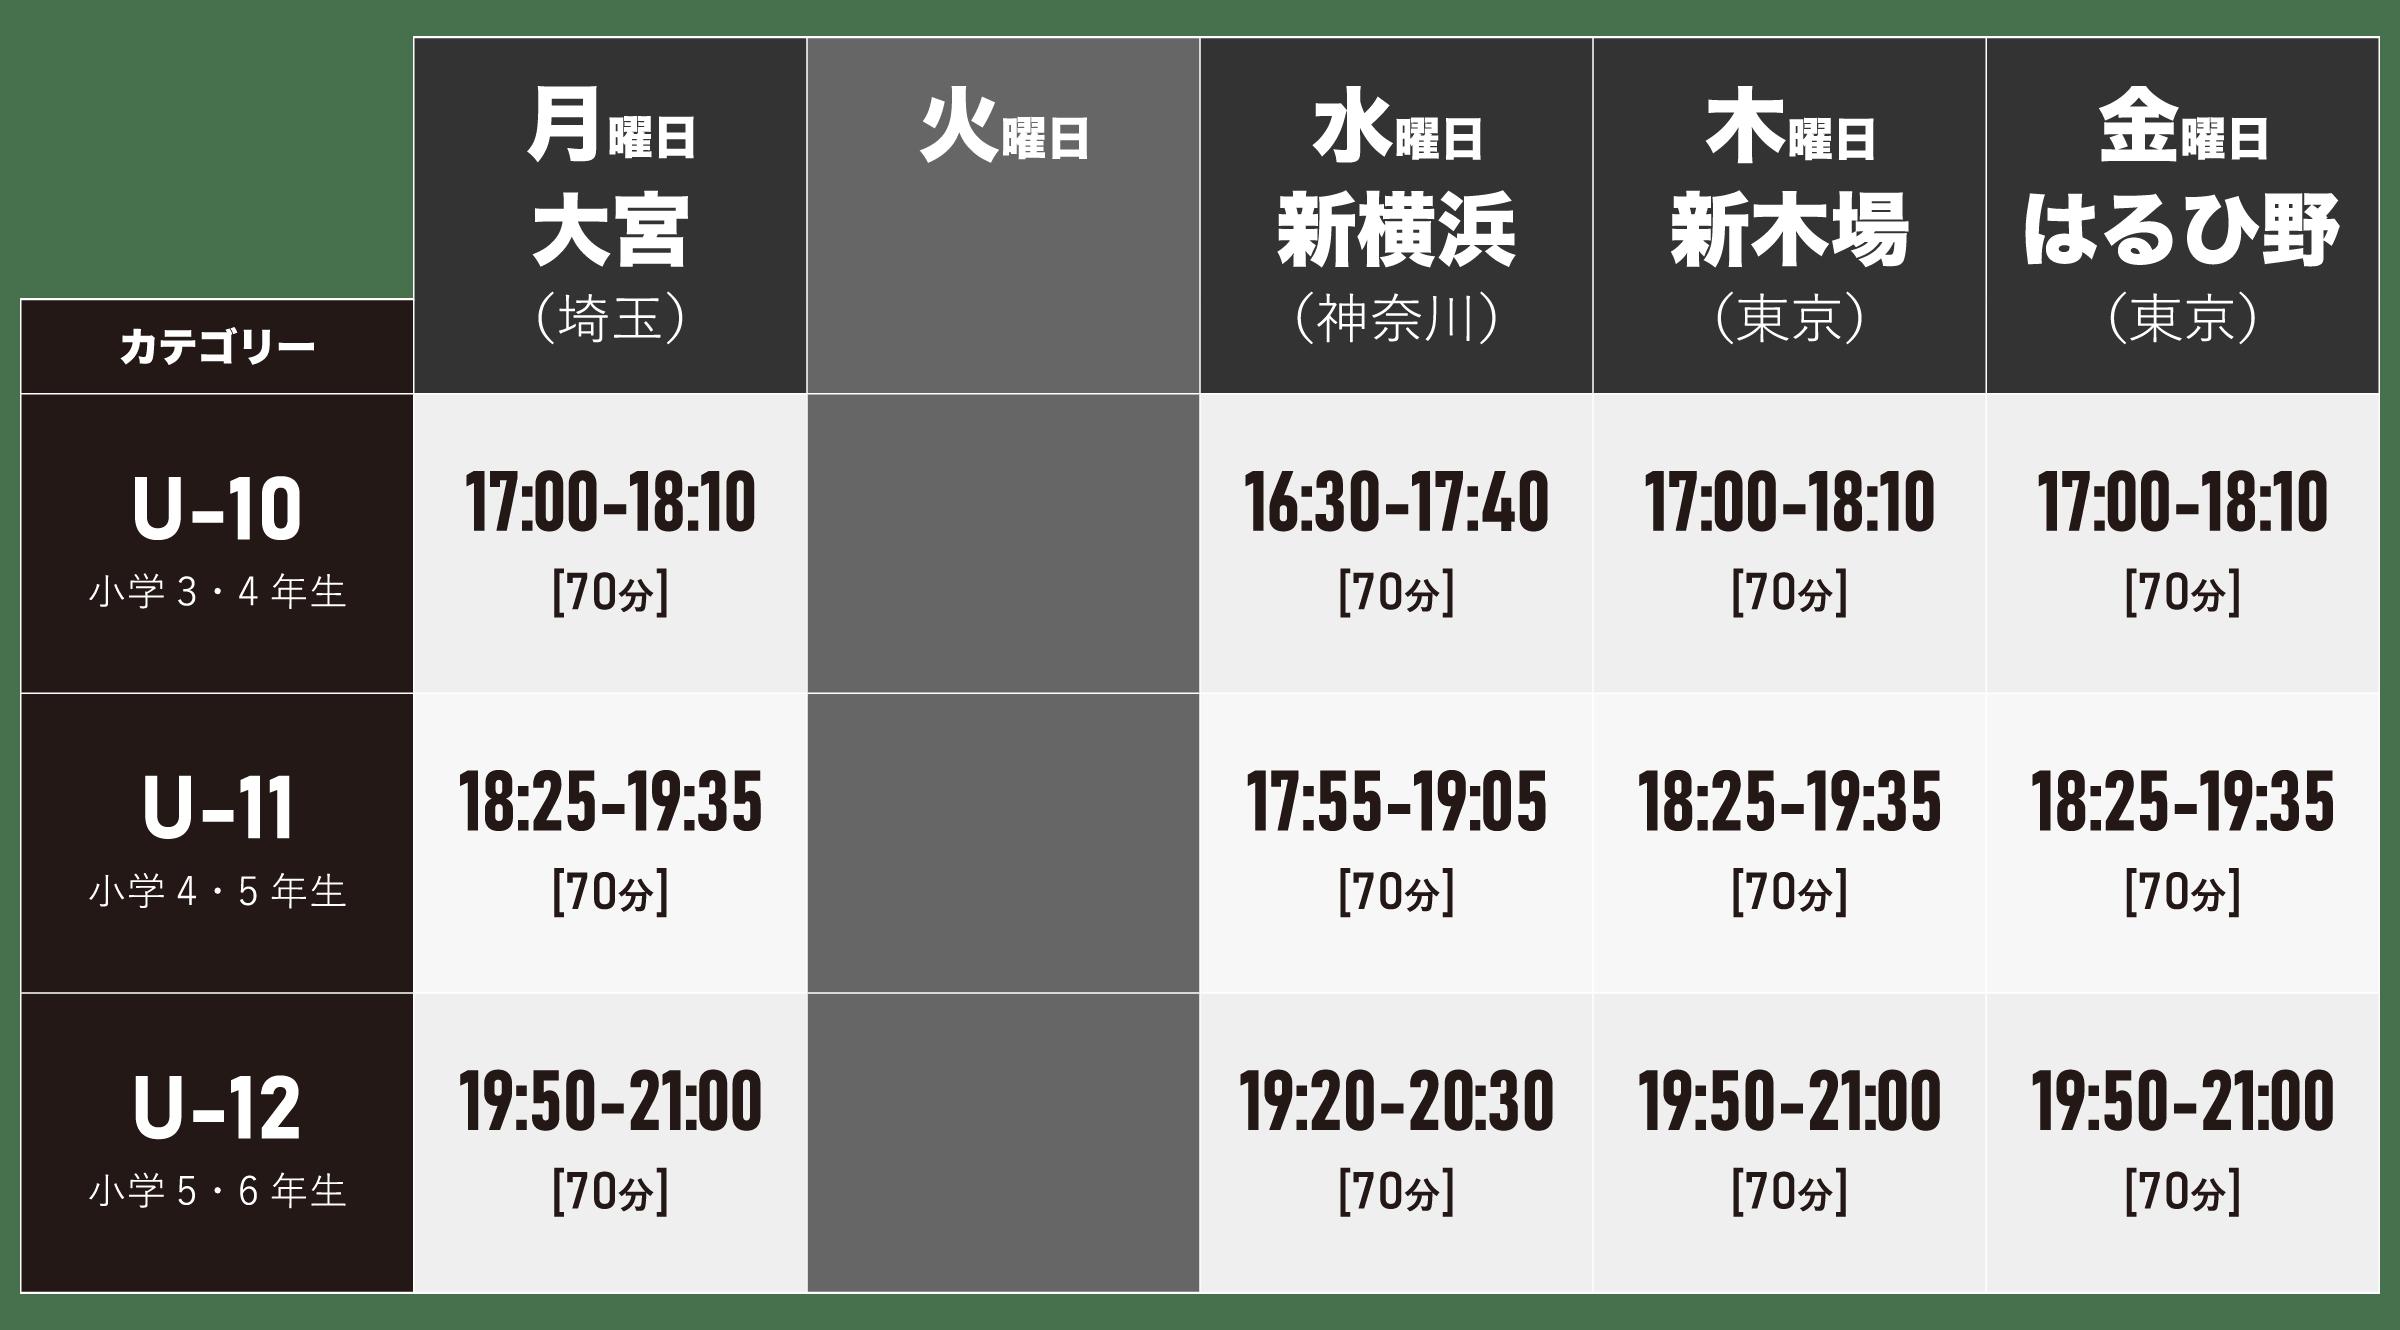 t_kanto_20210825